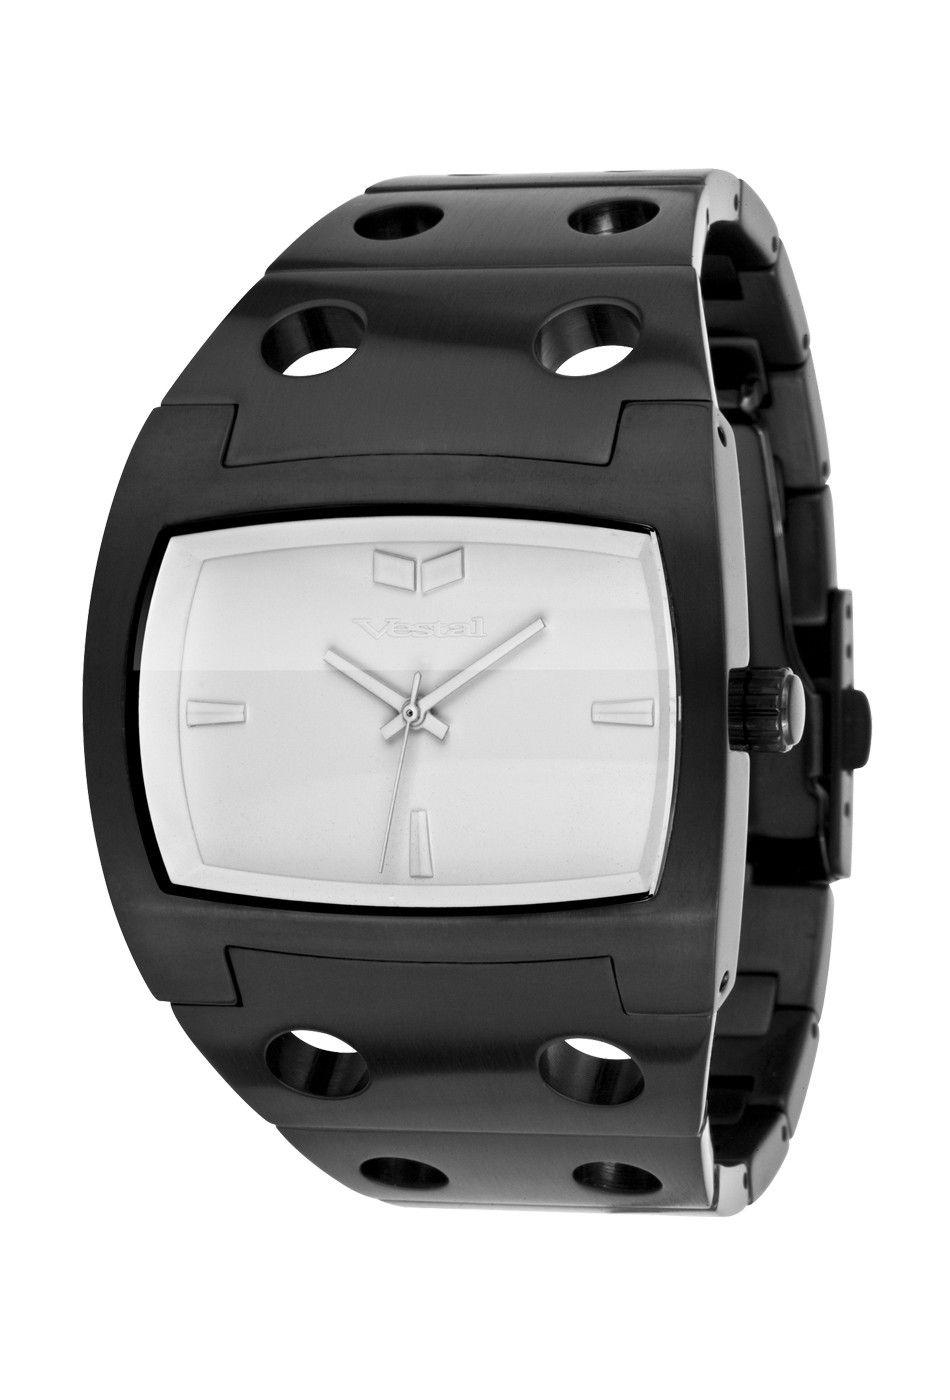 Vestal Mens Destroyer Stainless Watch - Black Bracelet - White Dial - Des051